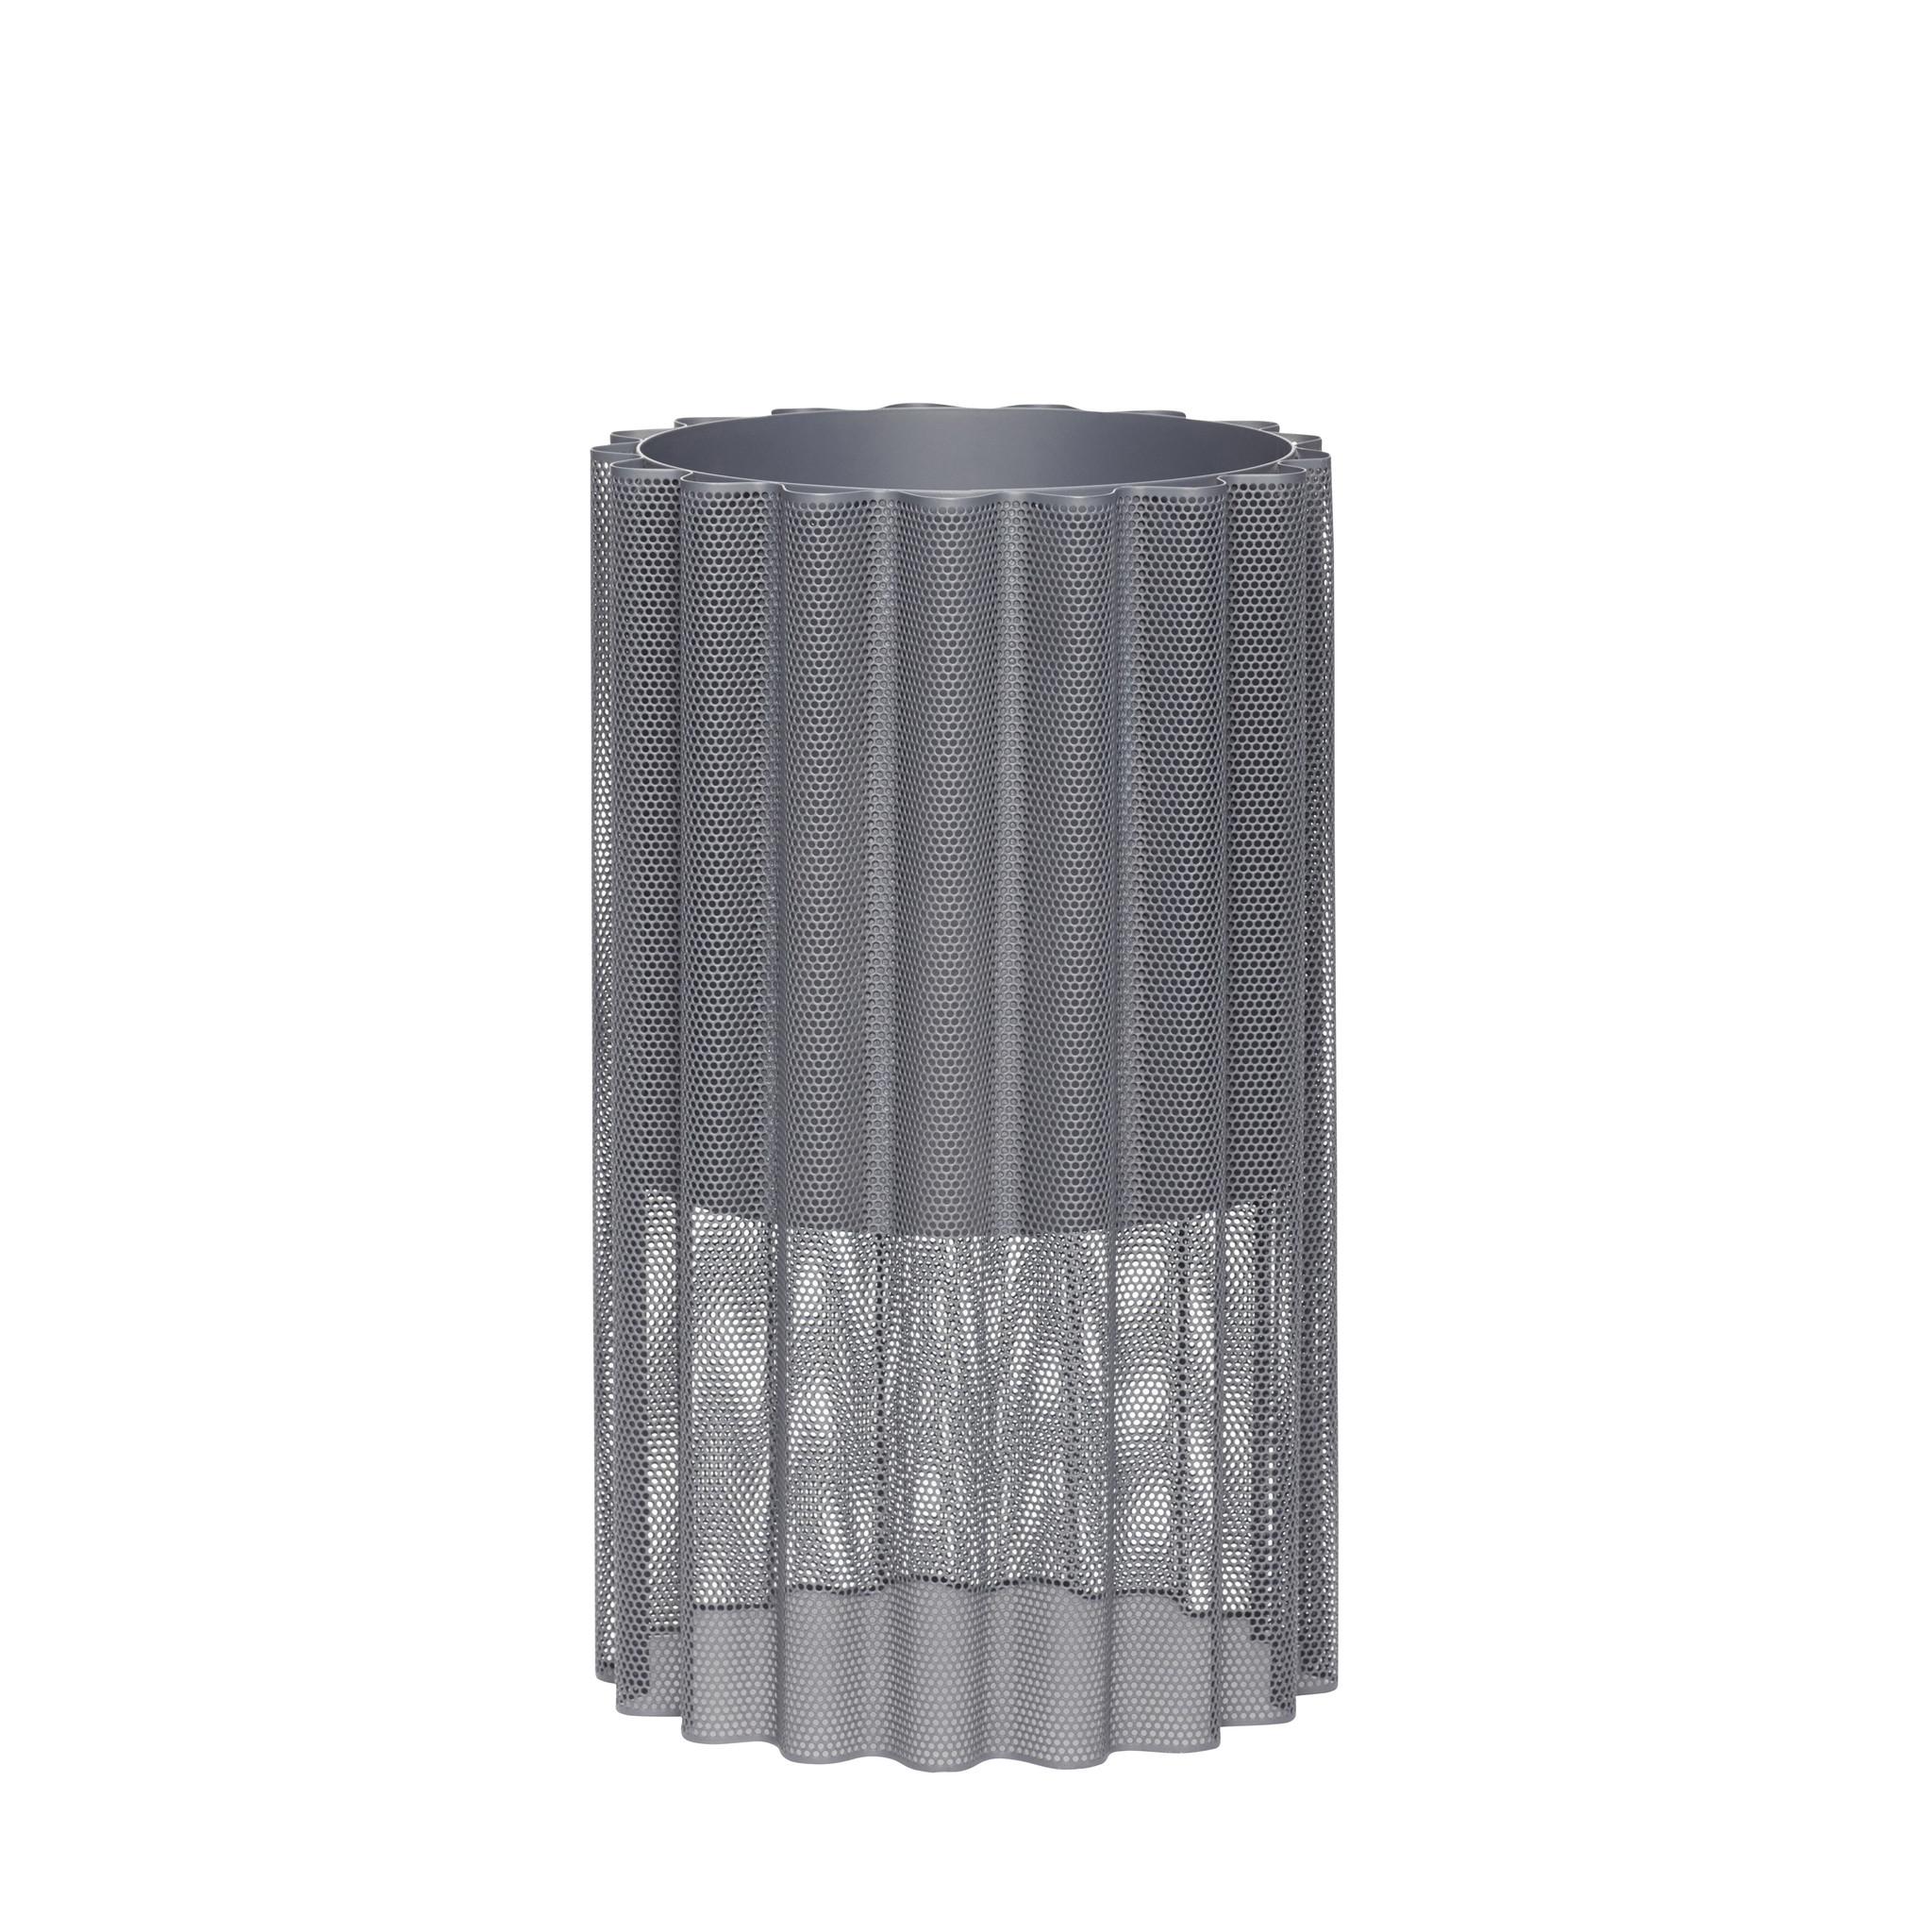 Hubsch Pot met poot, metaal, grijs-990904-5712772071090